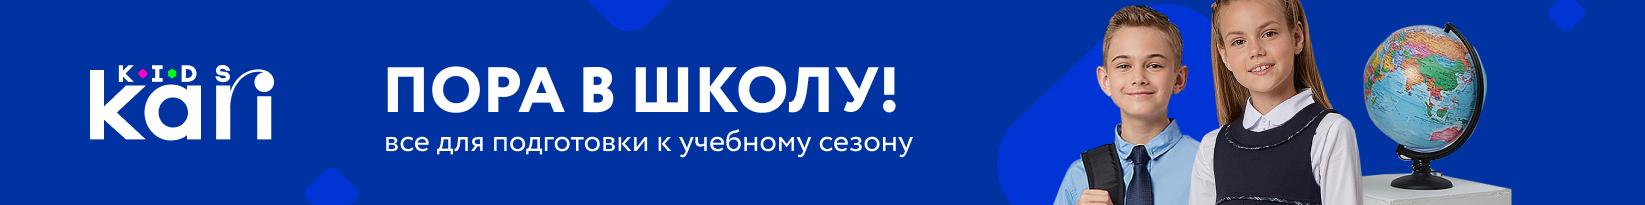 catalog_banner